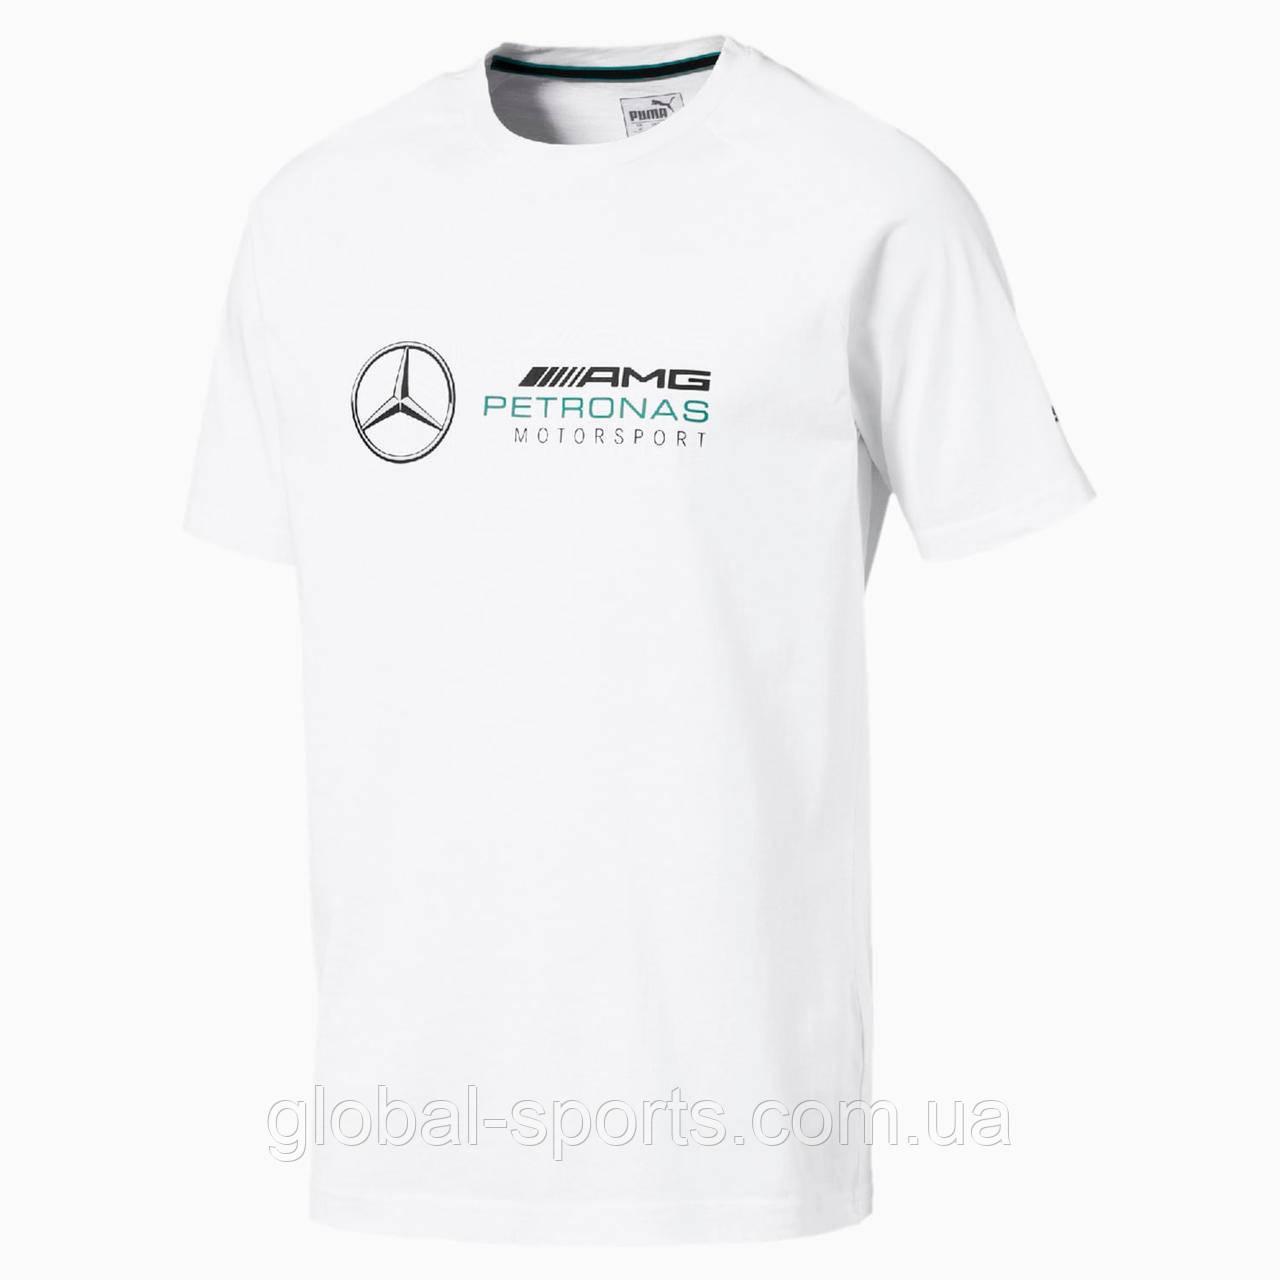 Чоловіча футболка PUMA MERCEDES AMG PETRONAS (Артикул: 57740905)